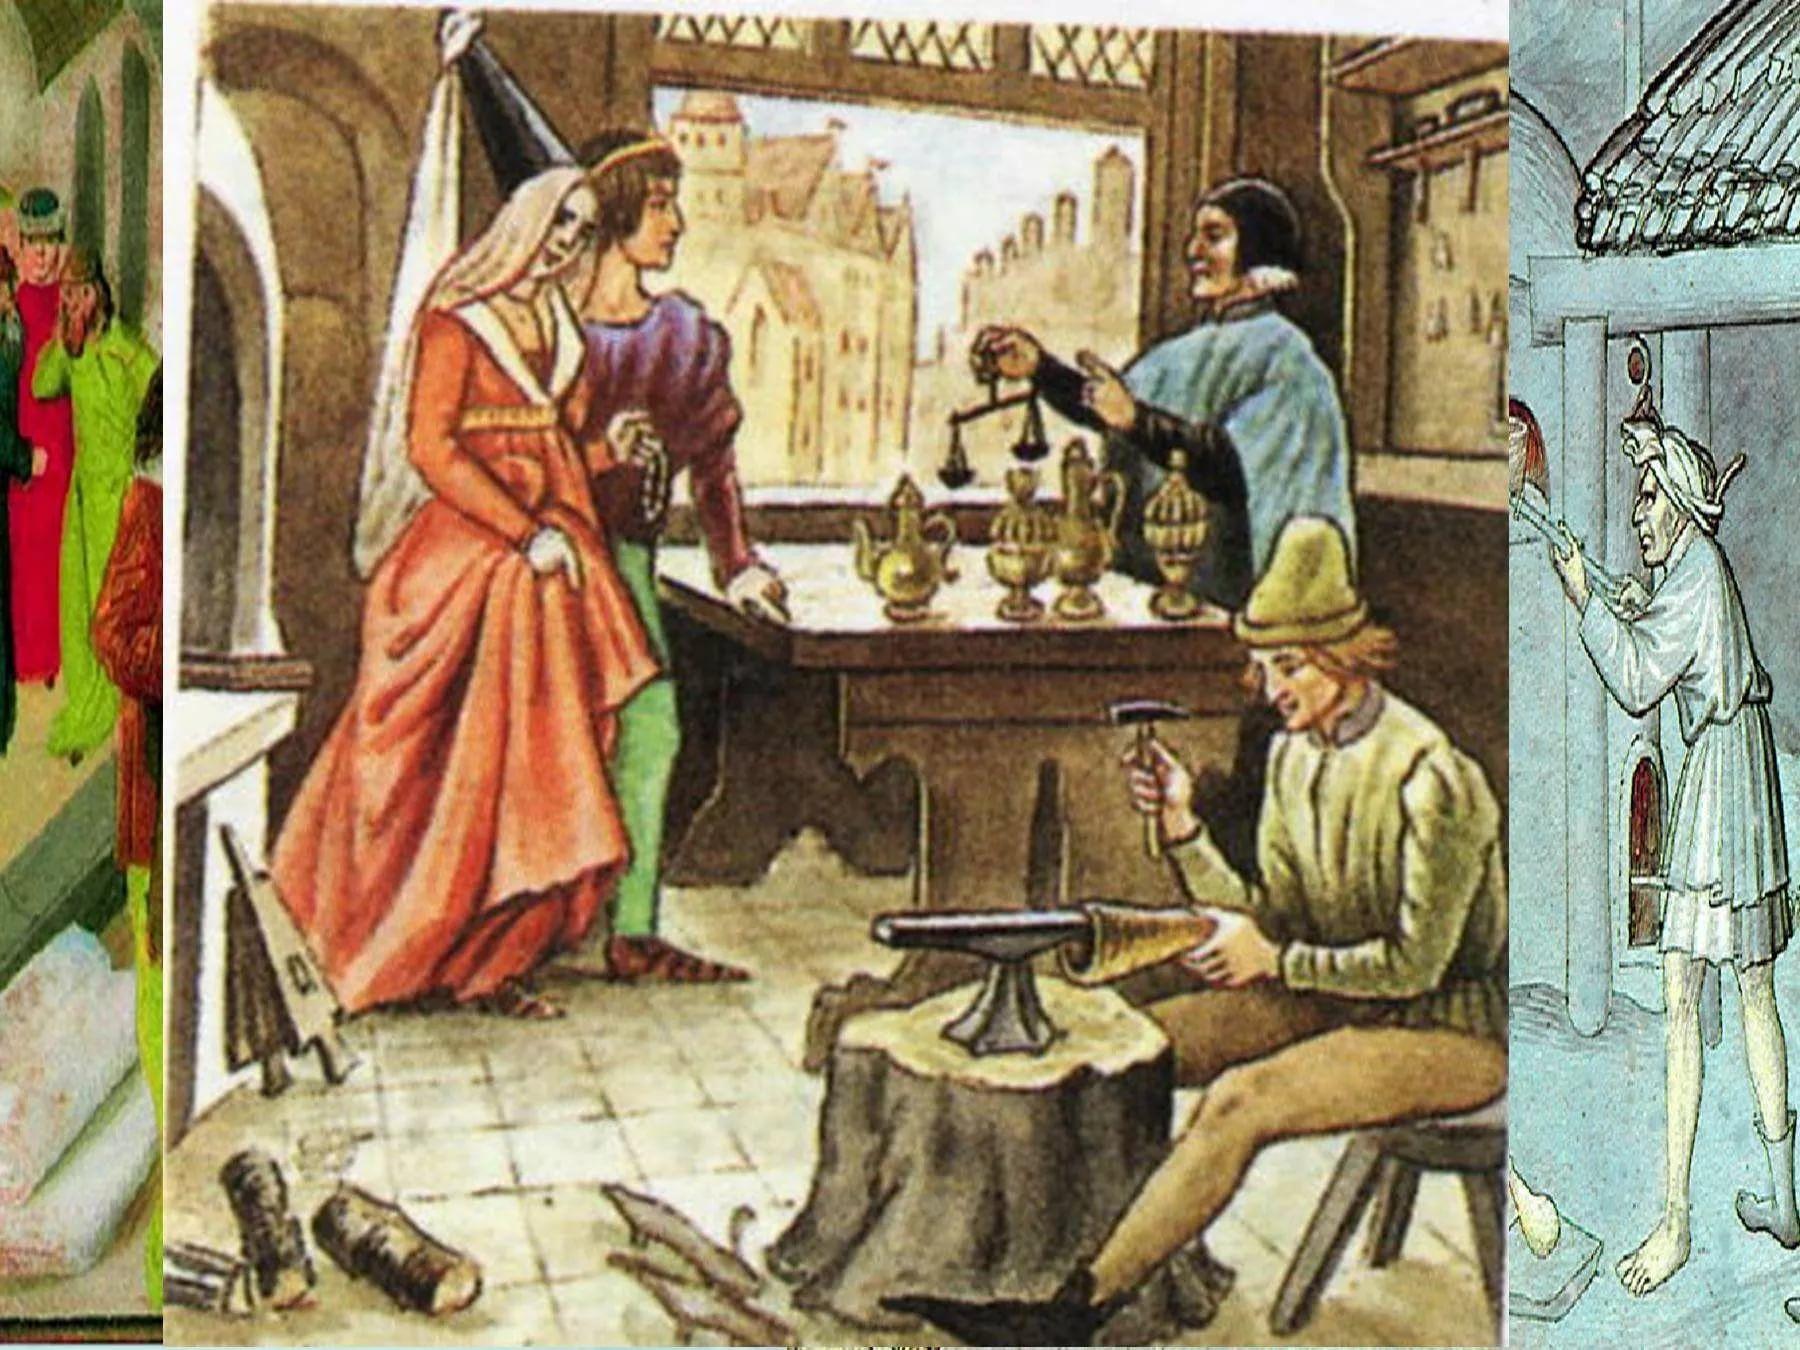 картинки средневековый город и его жители делают